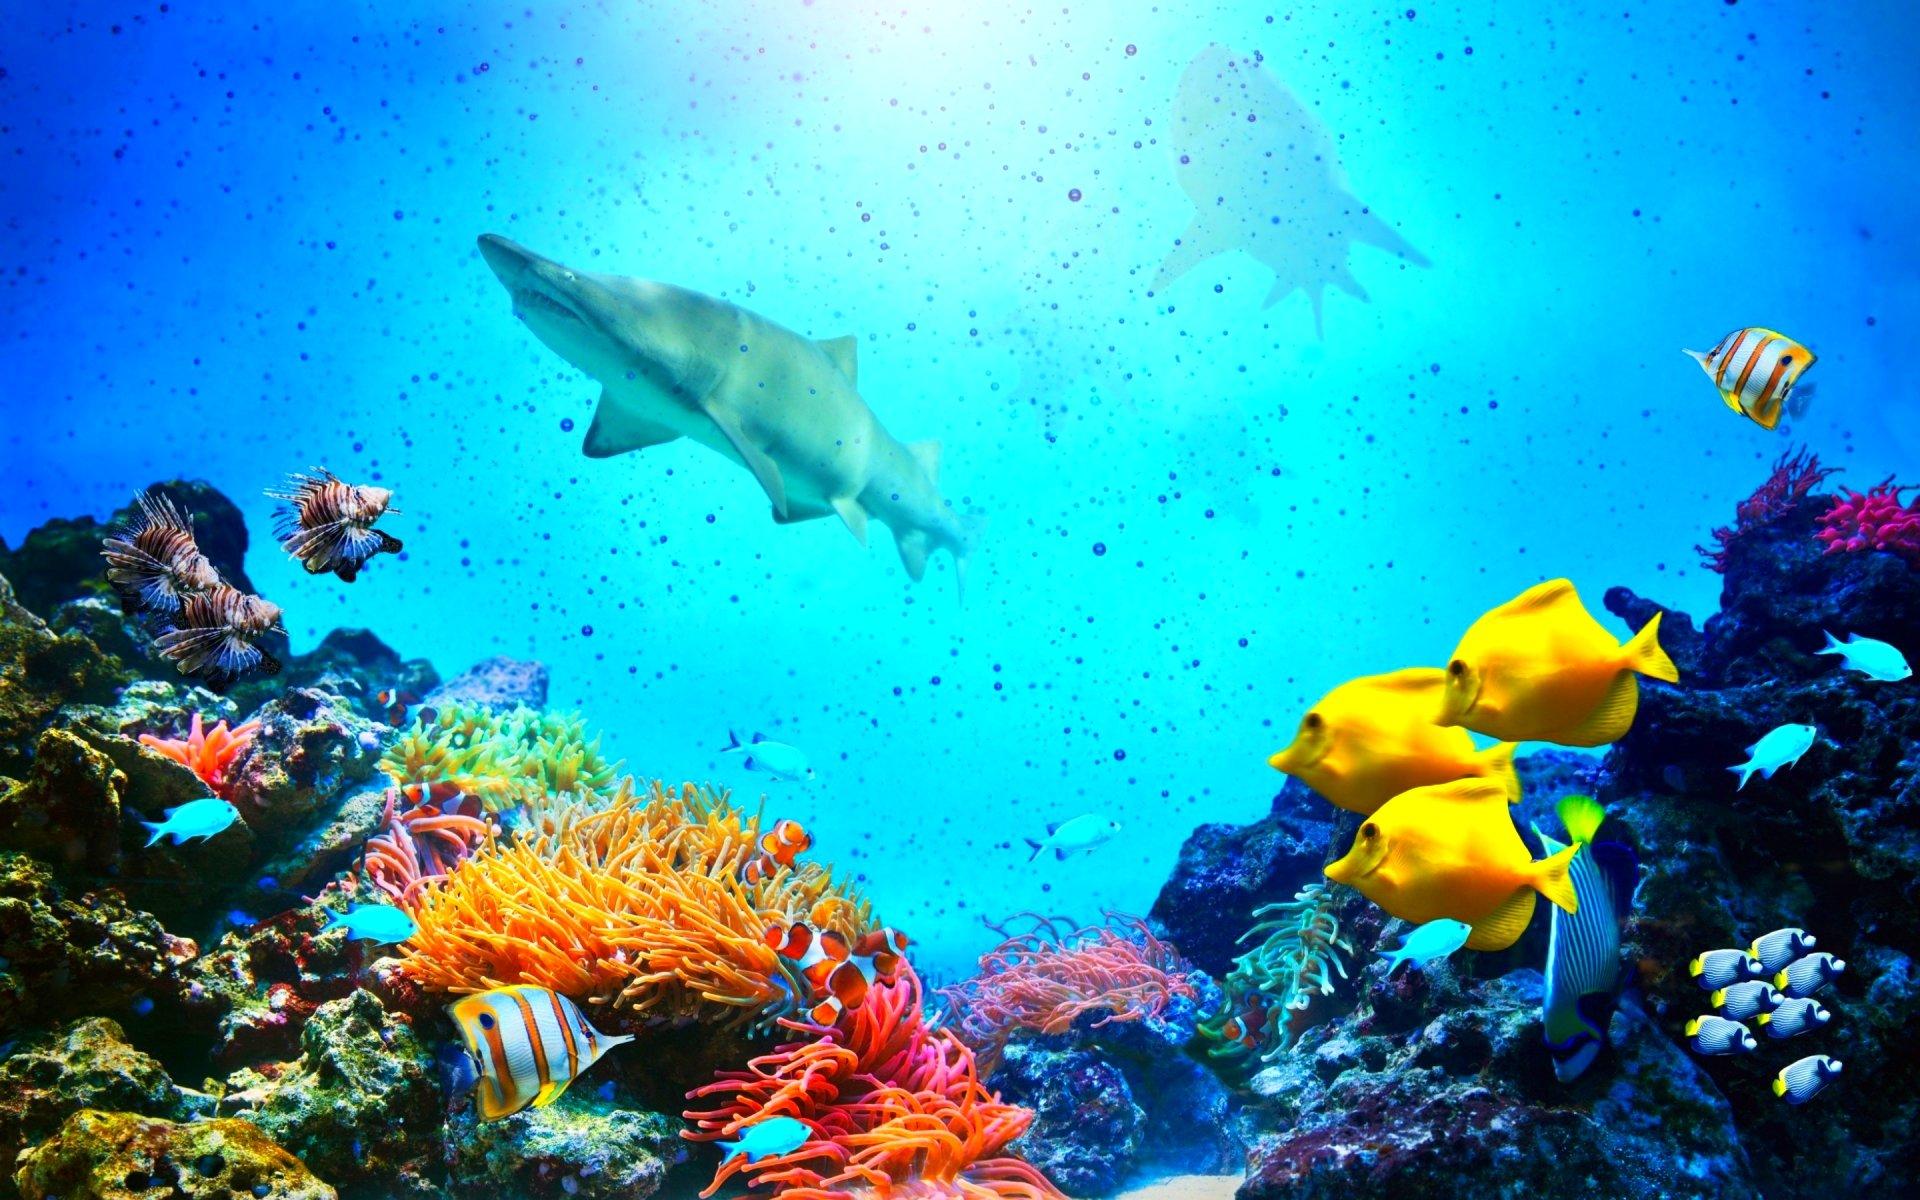 картинки дна океана с рыбками этом мифе было